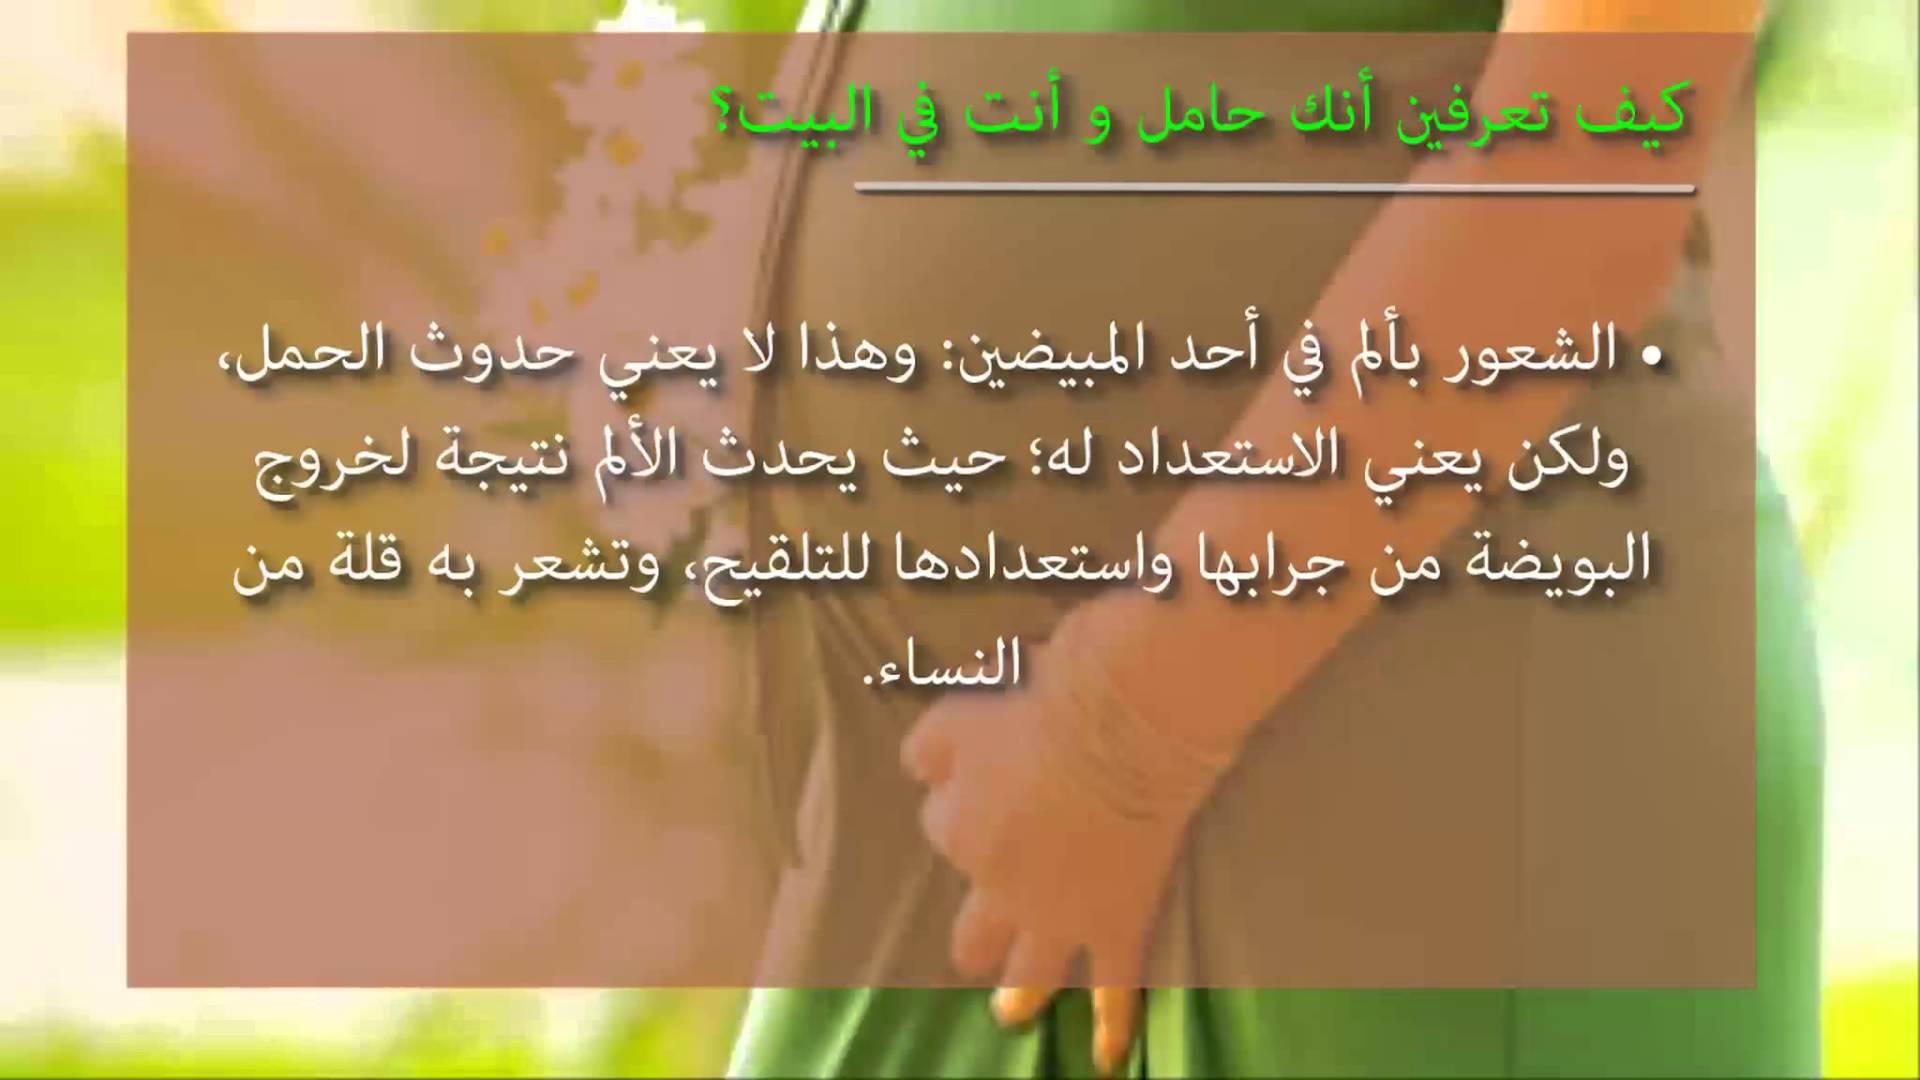 صورة اعراض الحمل في الاسبوع الاول قبل الدورة , معرفة اعراض بدائية للحمل